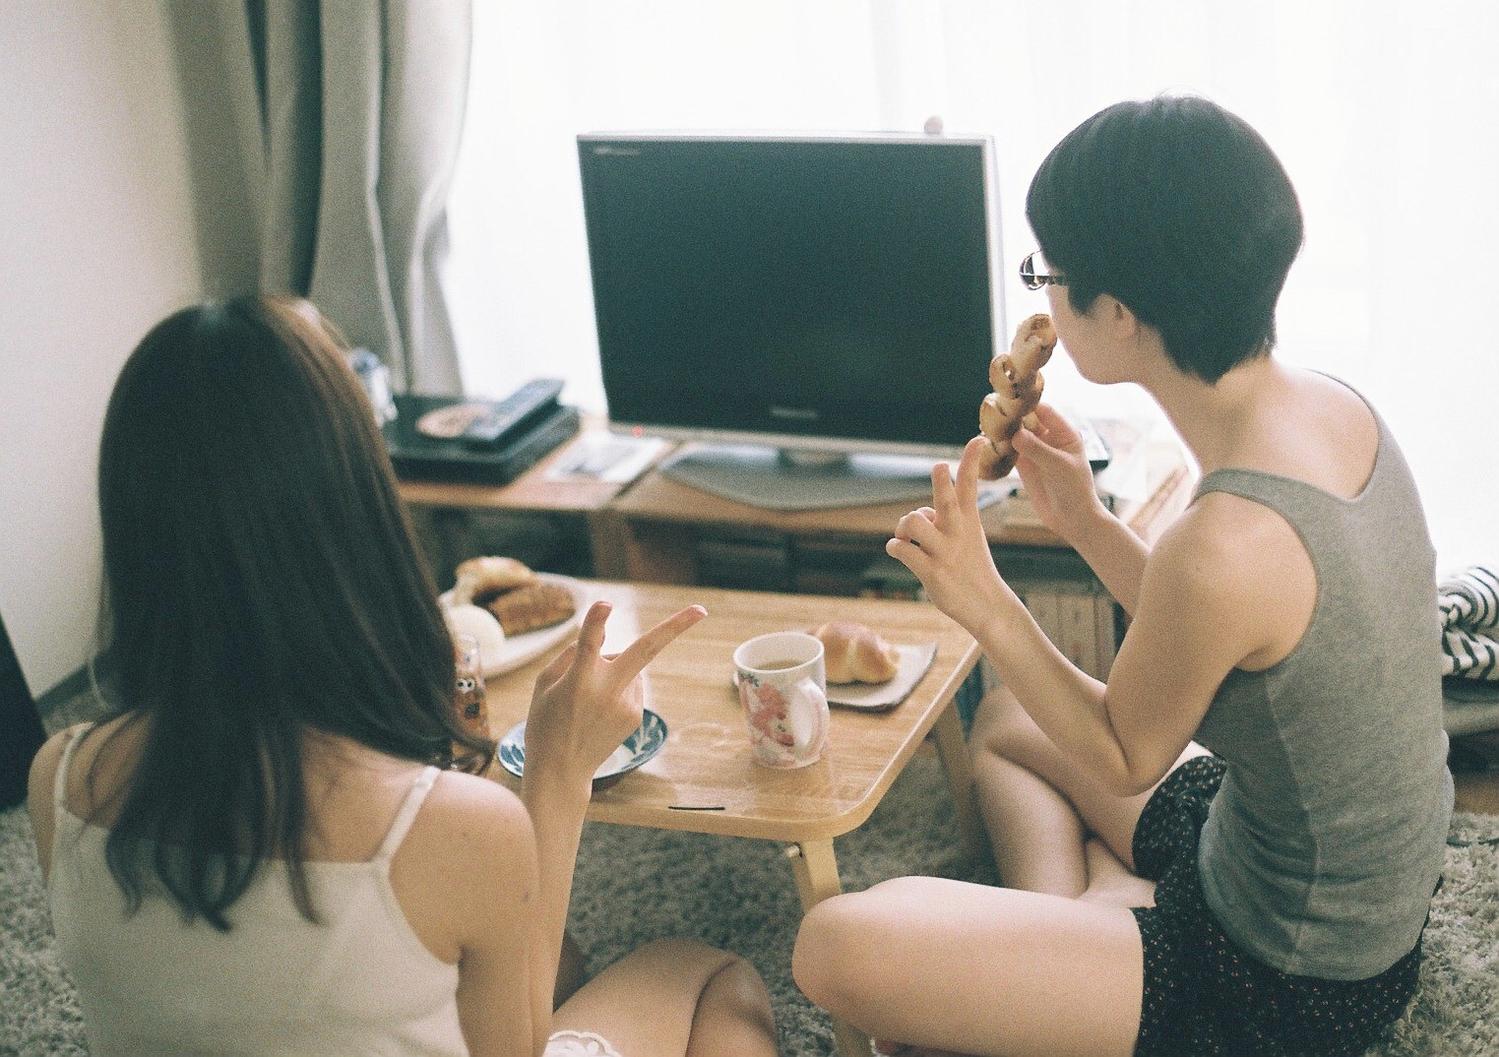 「食べること」が「生きること」にもっとつながっていく、新しい時代